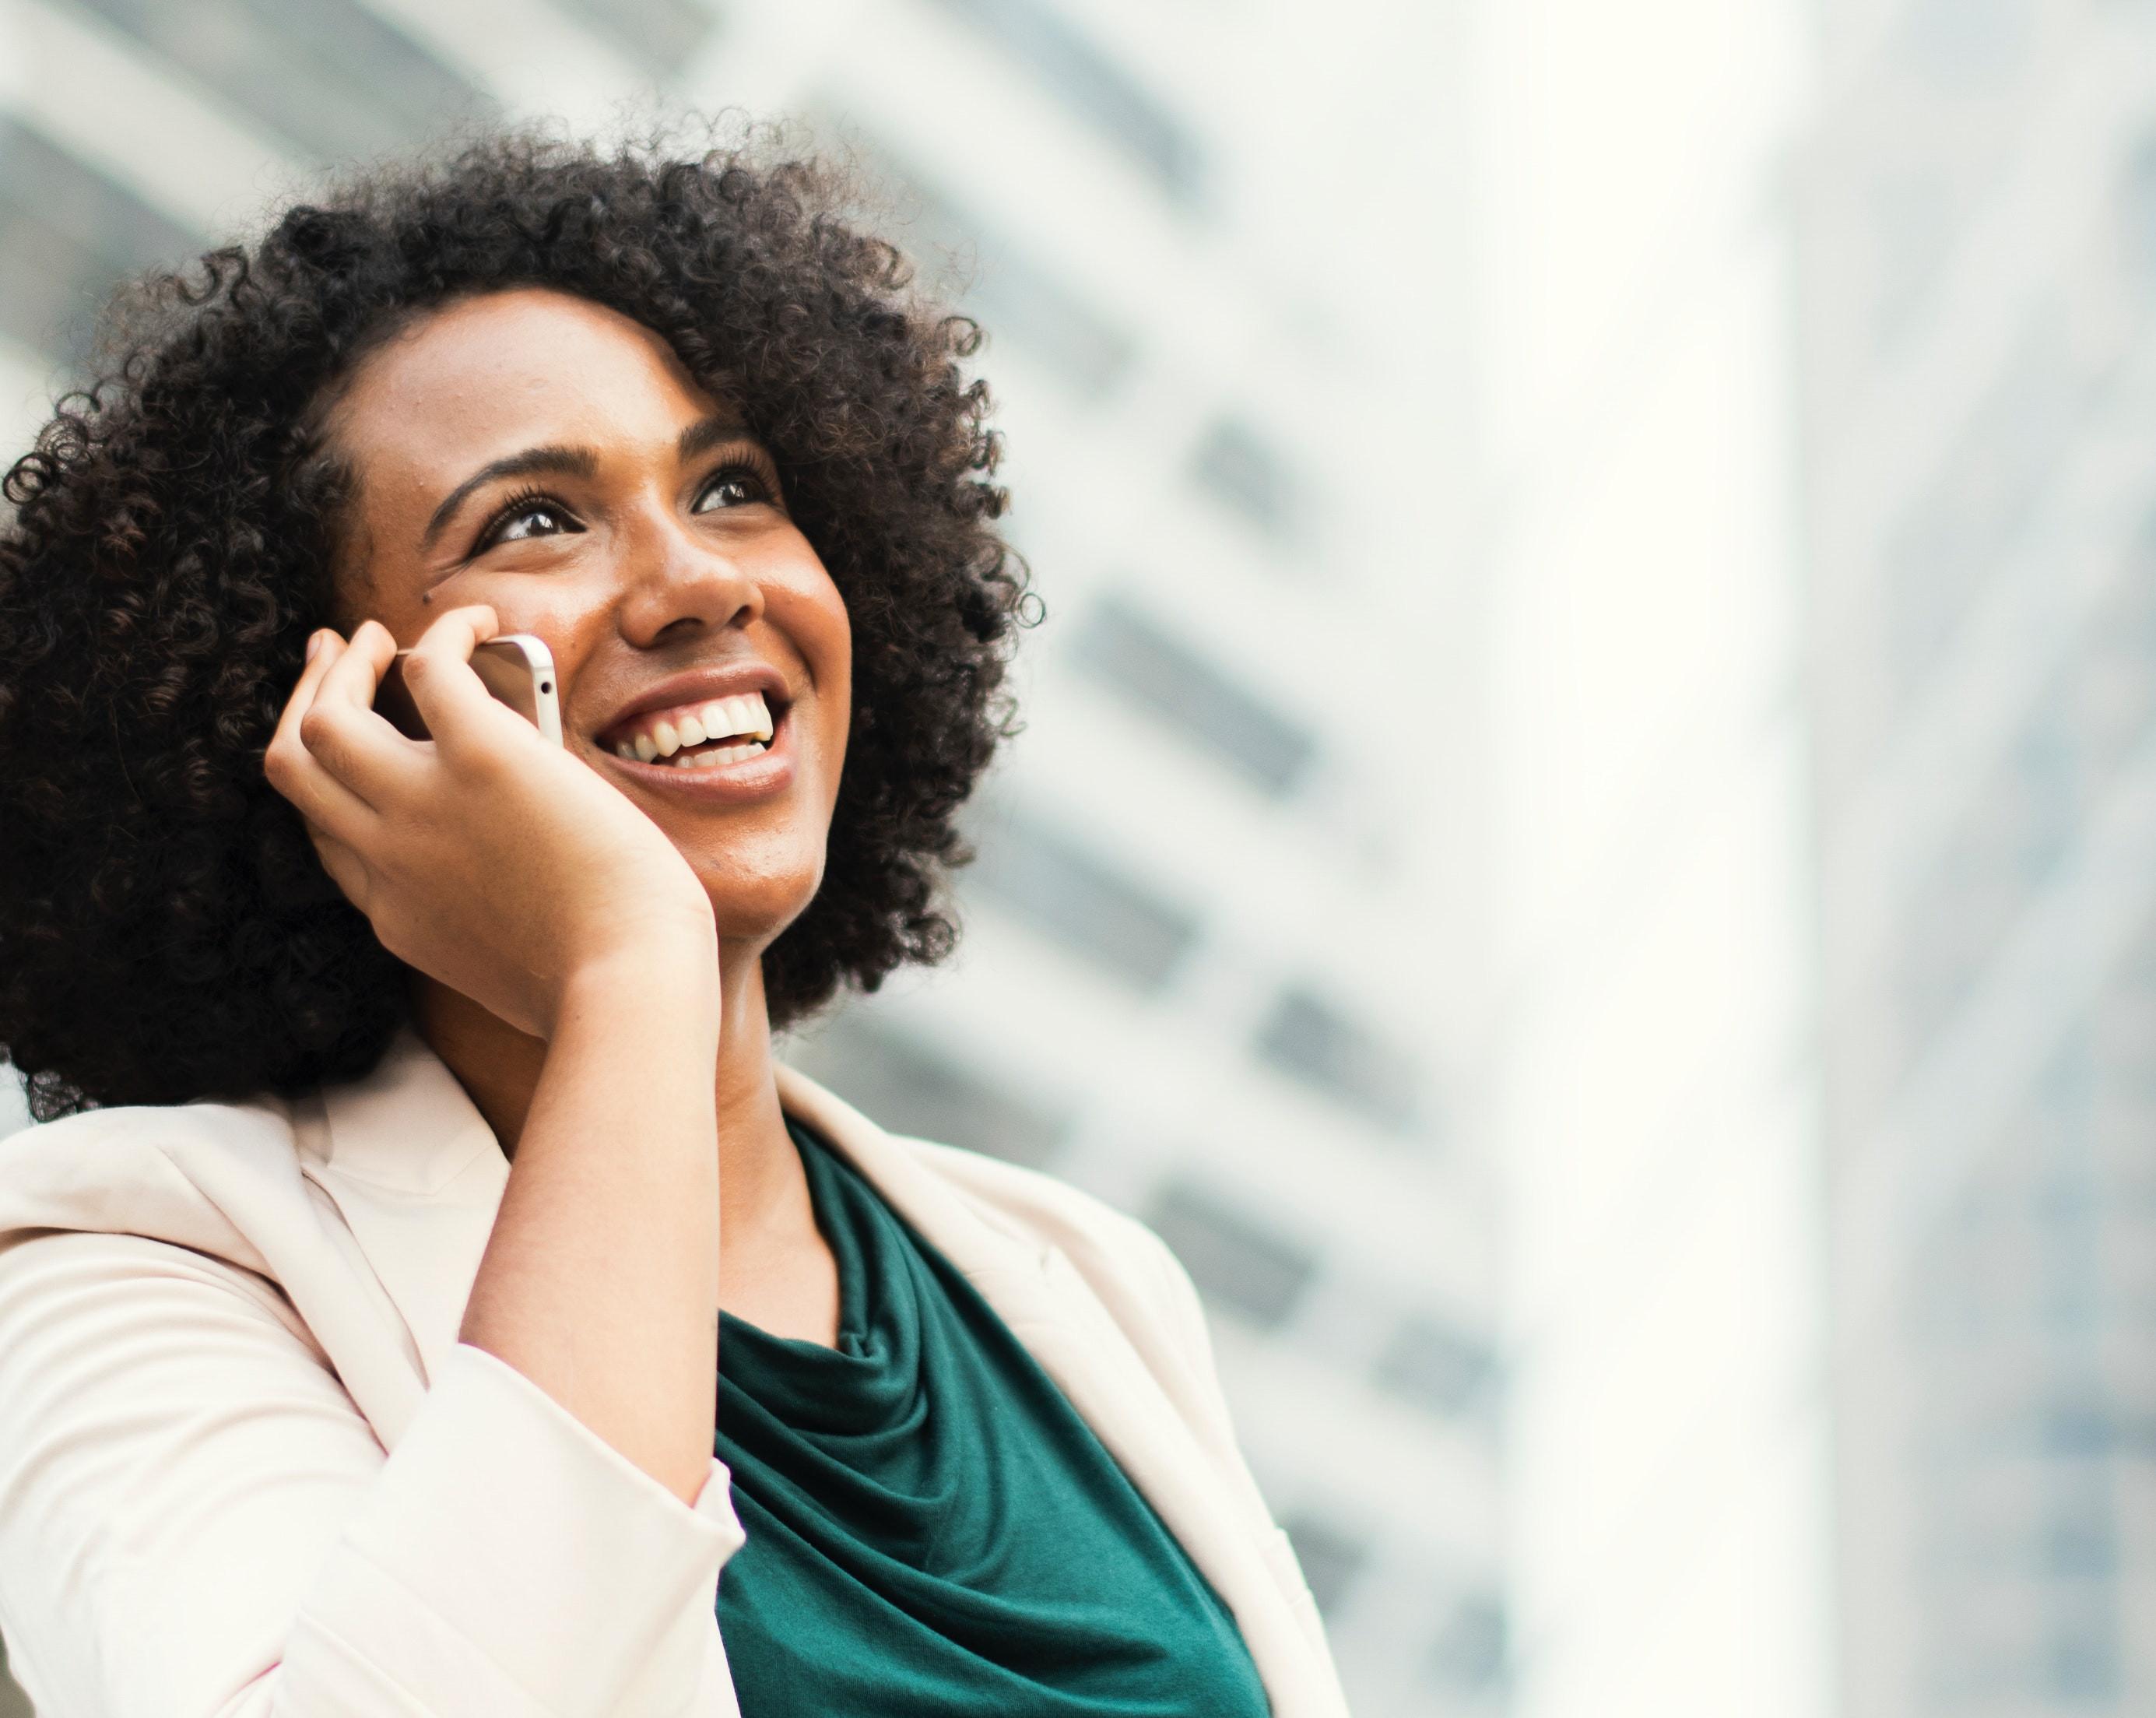 15 Minute Phone Consultation